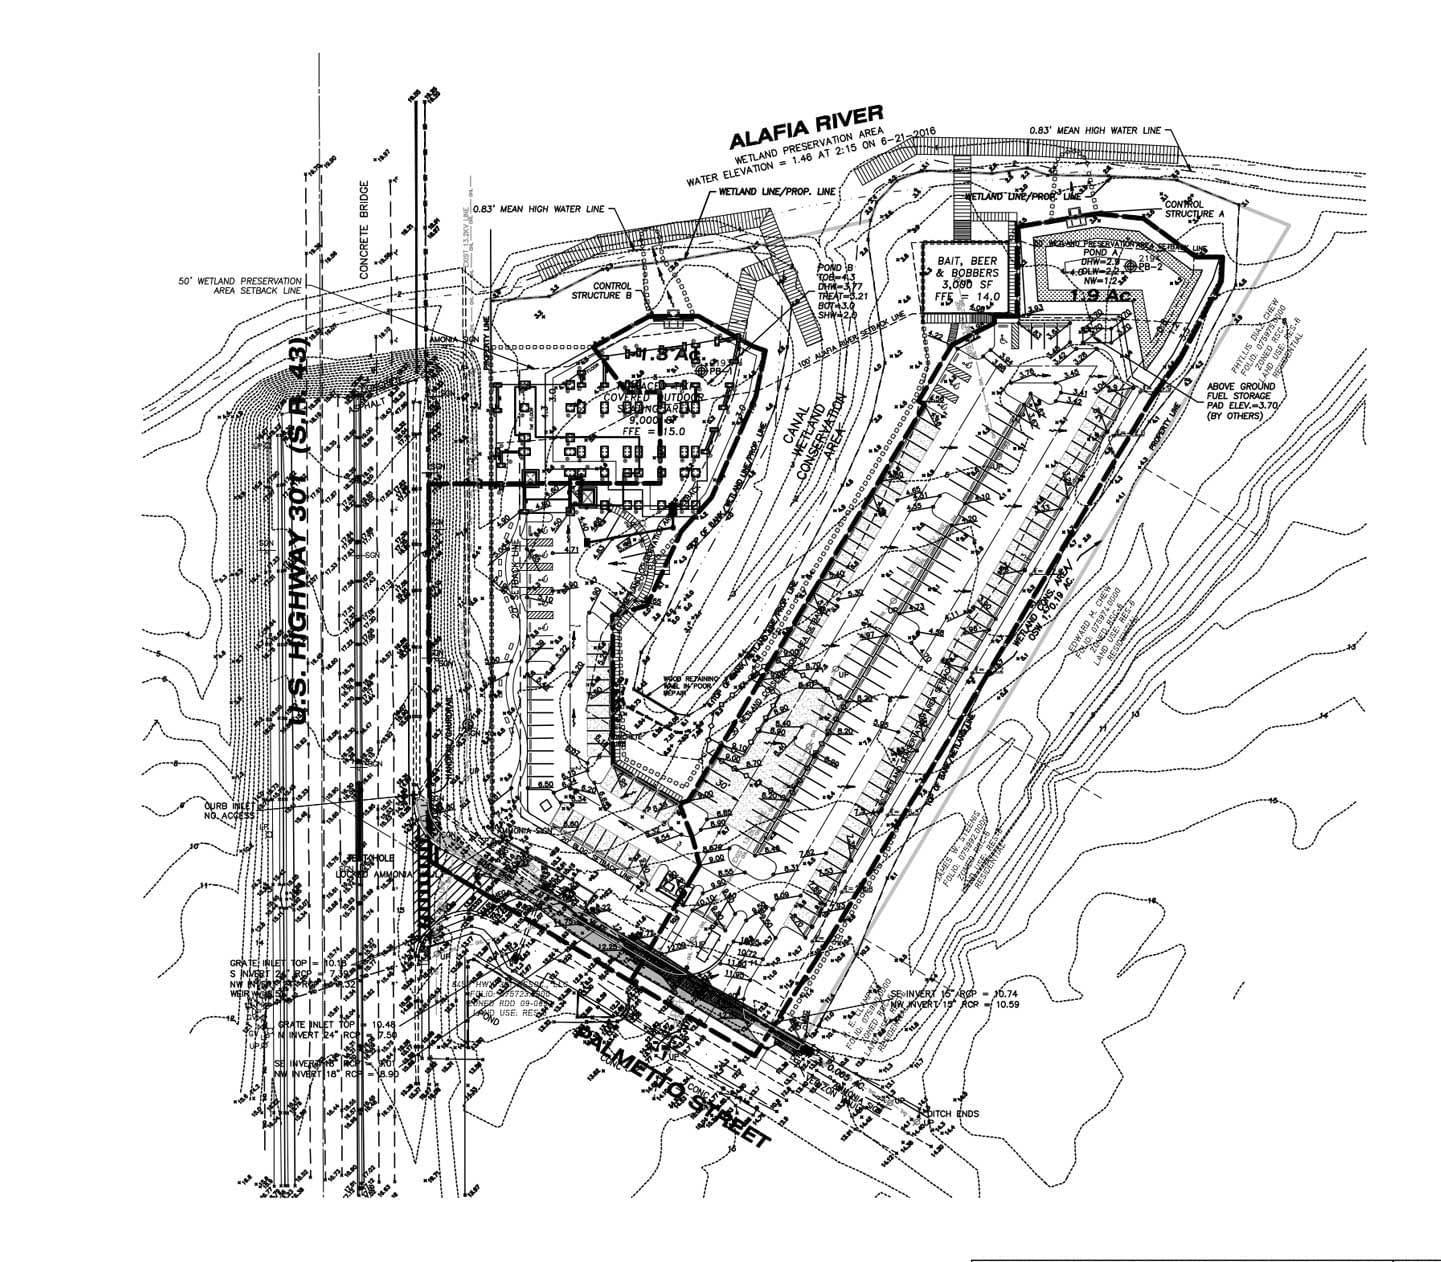 Tiki Docks detailed layout plan